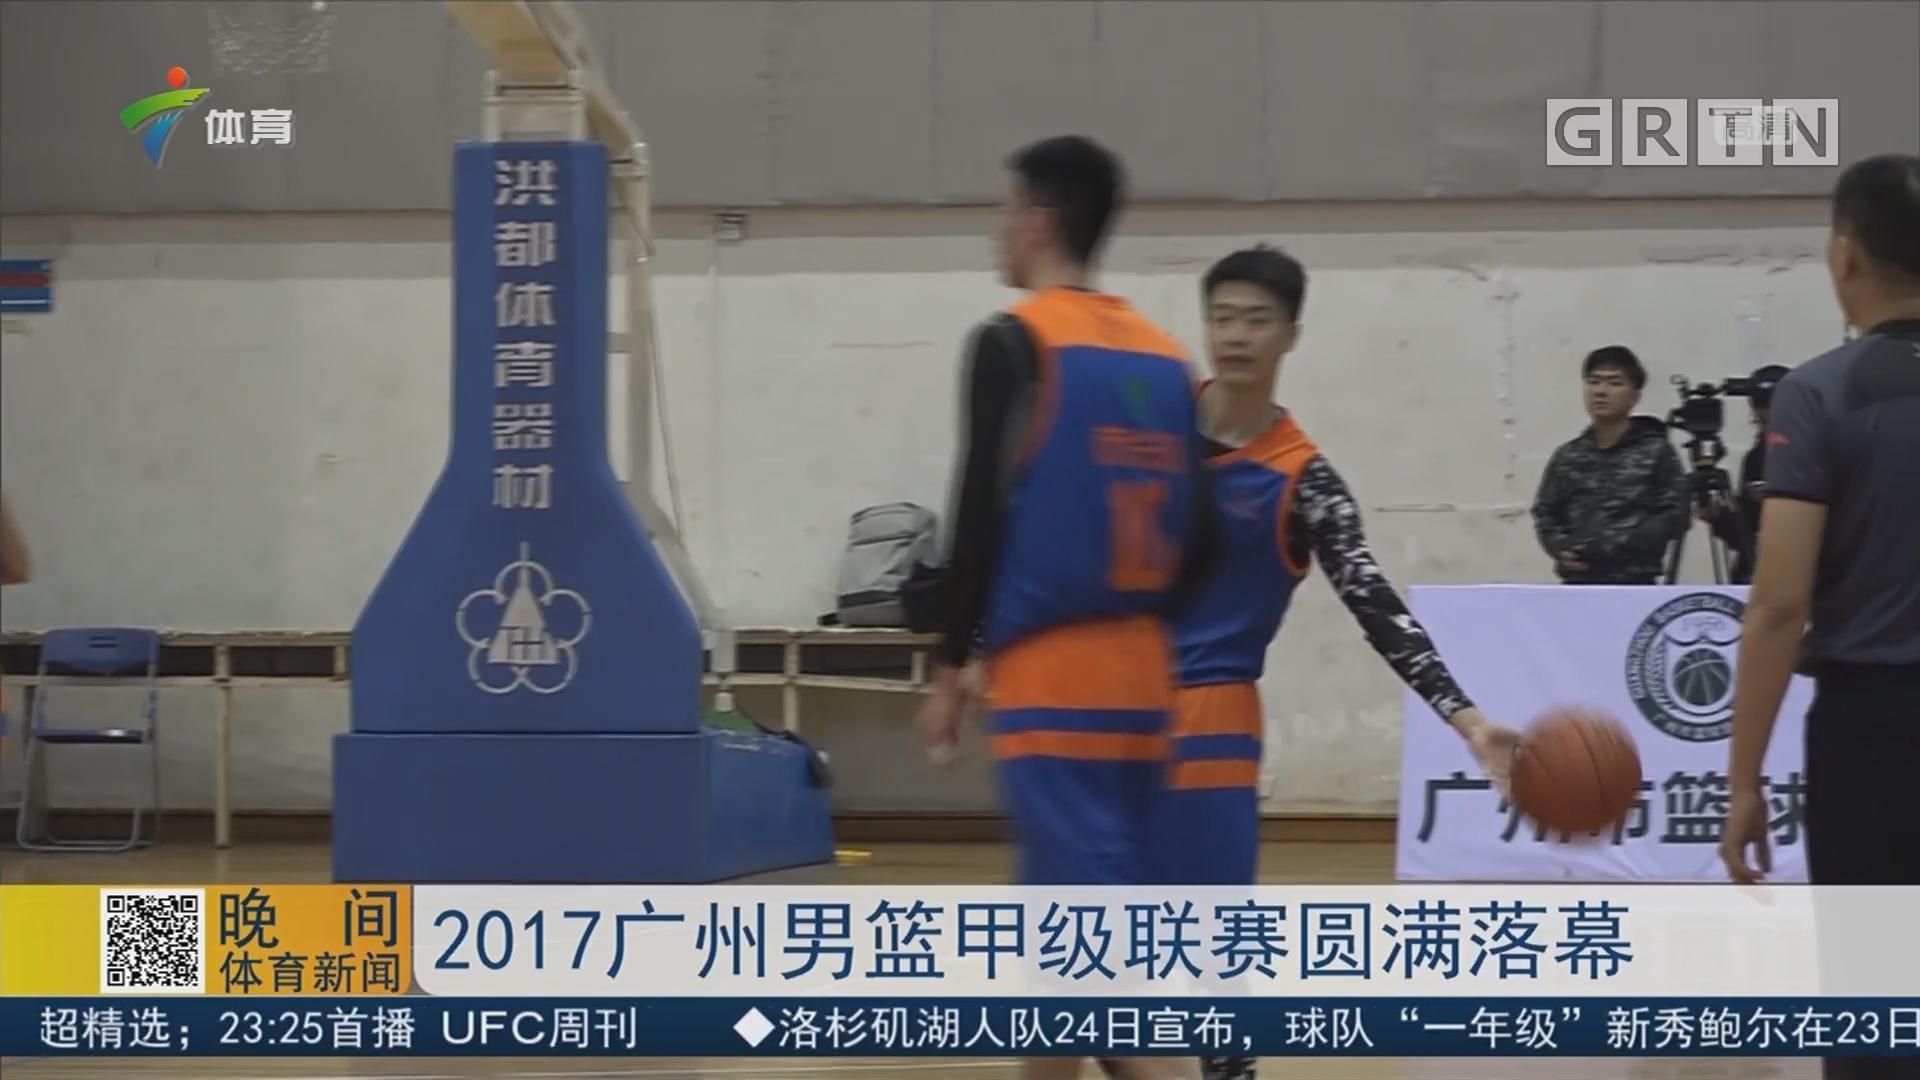 2017广州男篮甲级联赛圆满落幕